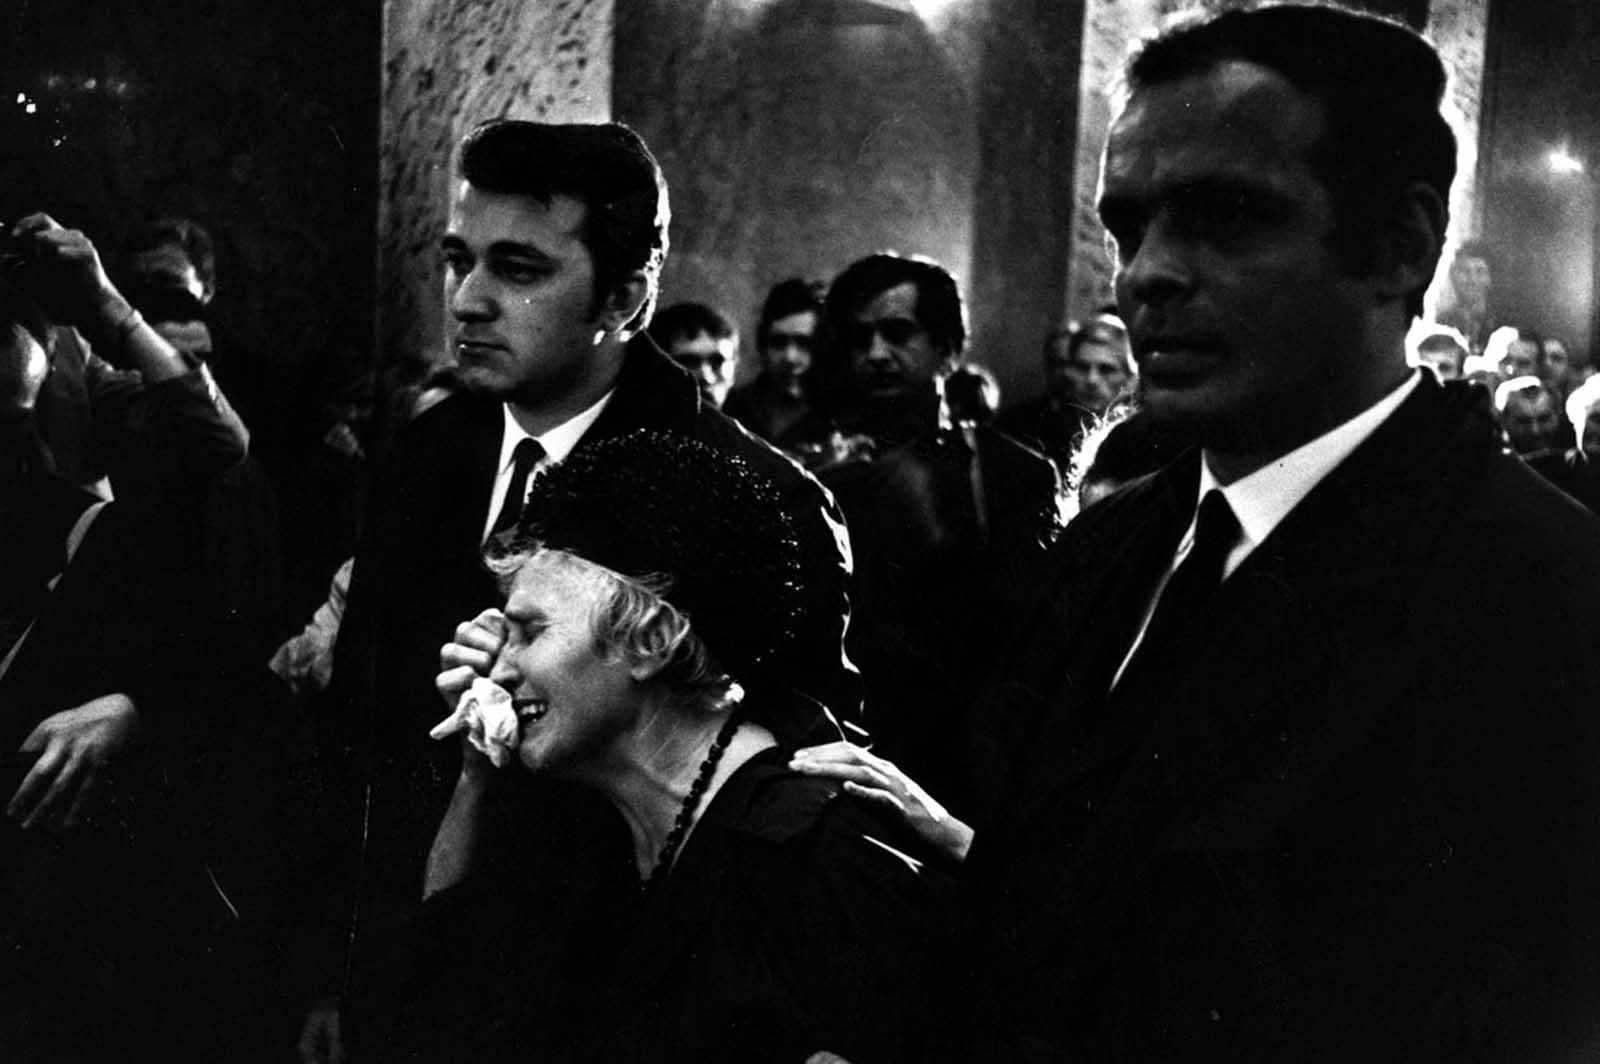 Una mujer llora en un funeral por una de las víctimas de los combates en Checoslovaquia.